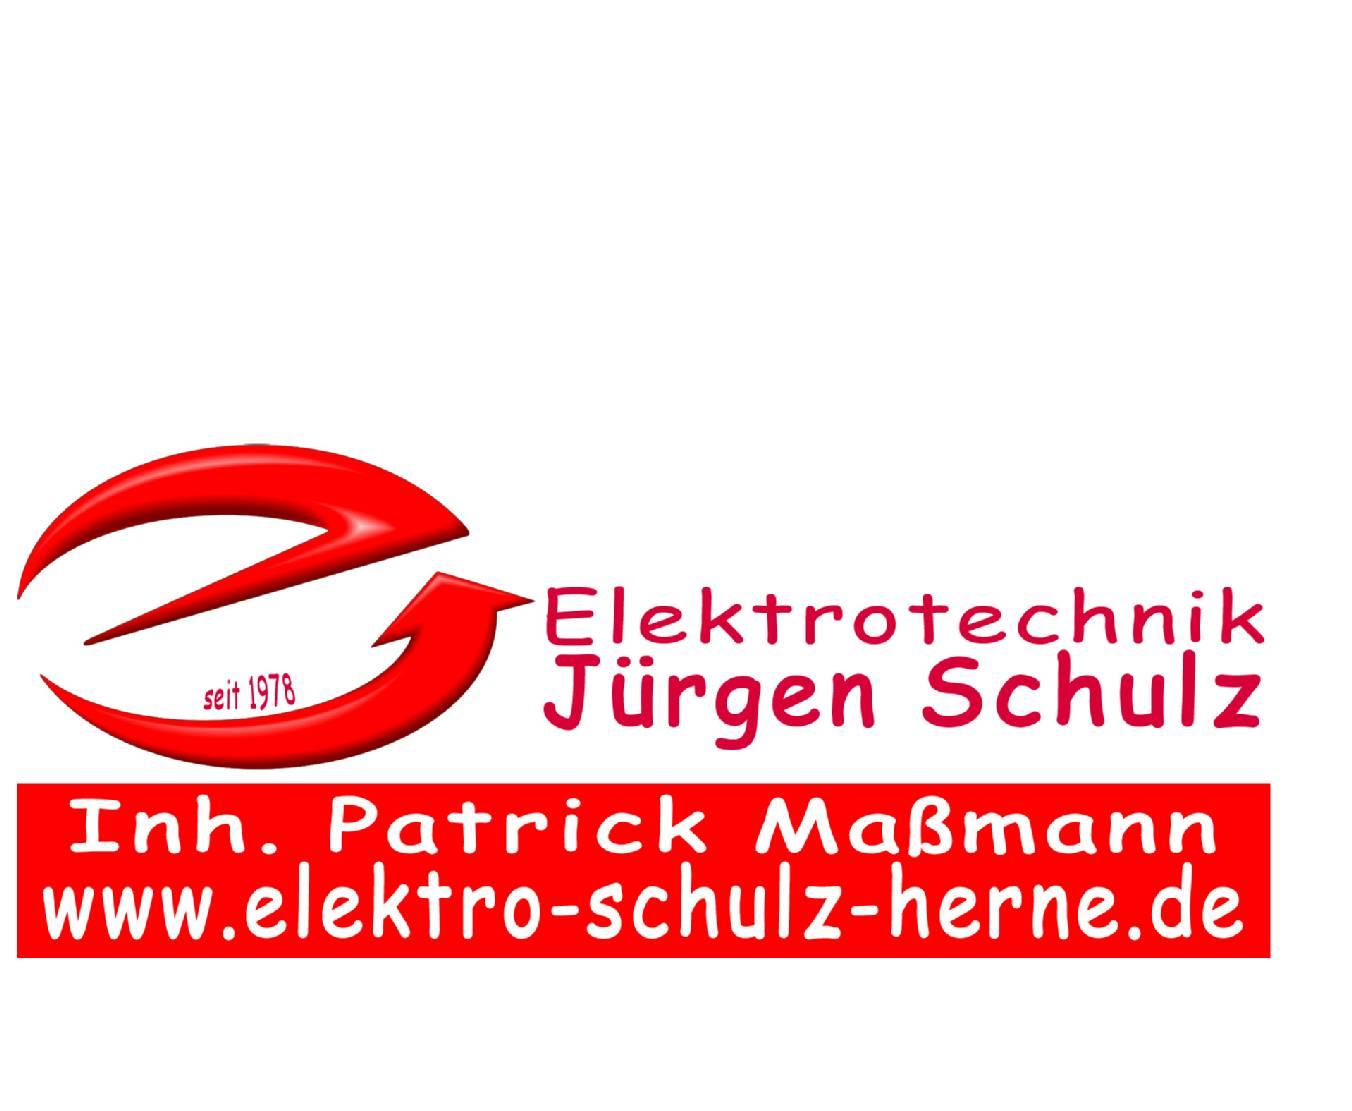 Elekrotechnik Jürgen Schulz Inh Patrick Maßmann Startseite